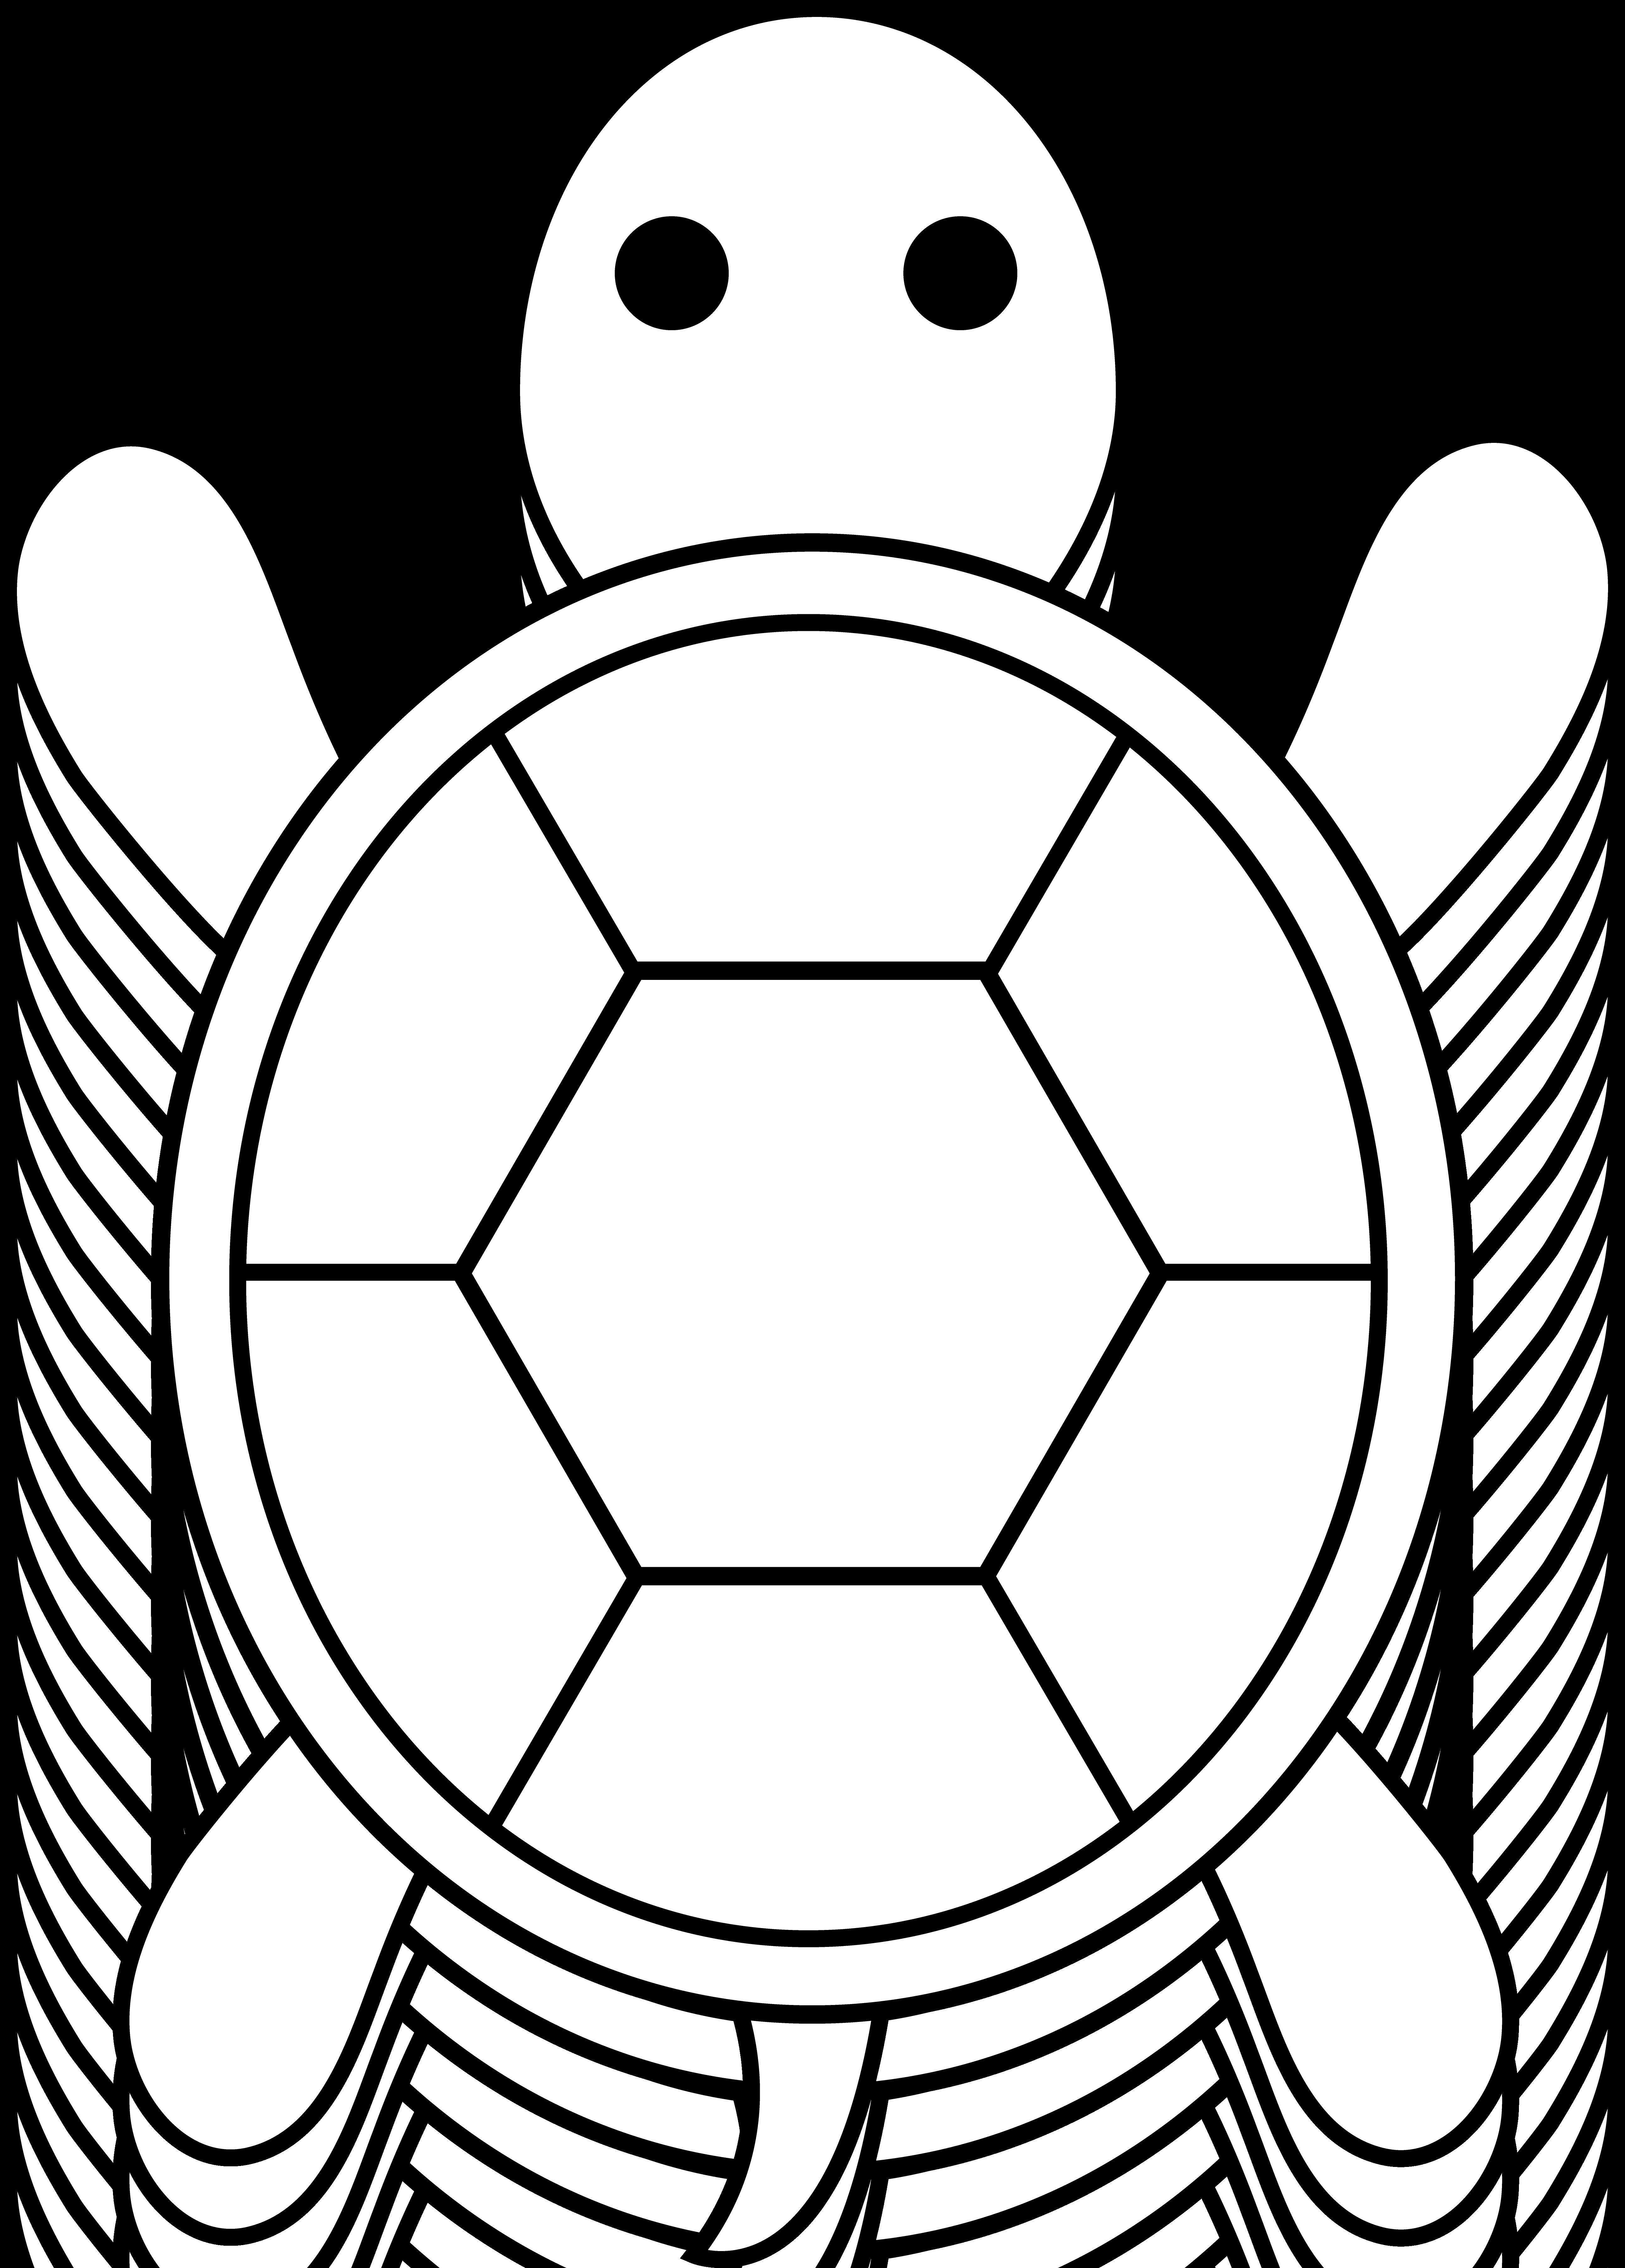 5178x7226 Easy Turtle Outline Dibujos, Pinturas. Turtle